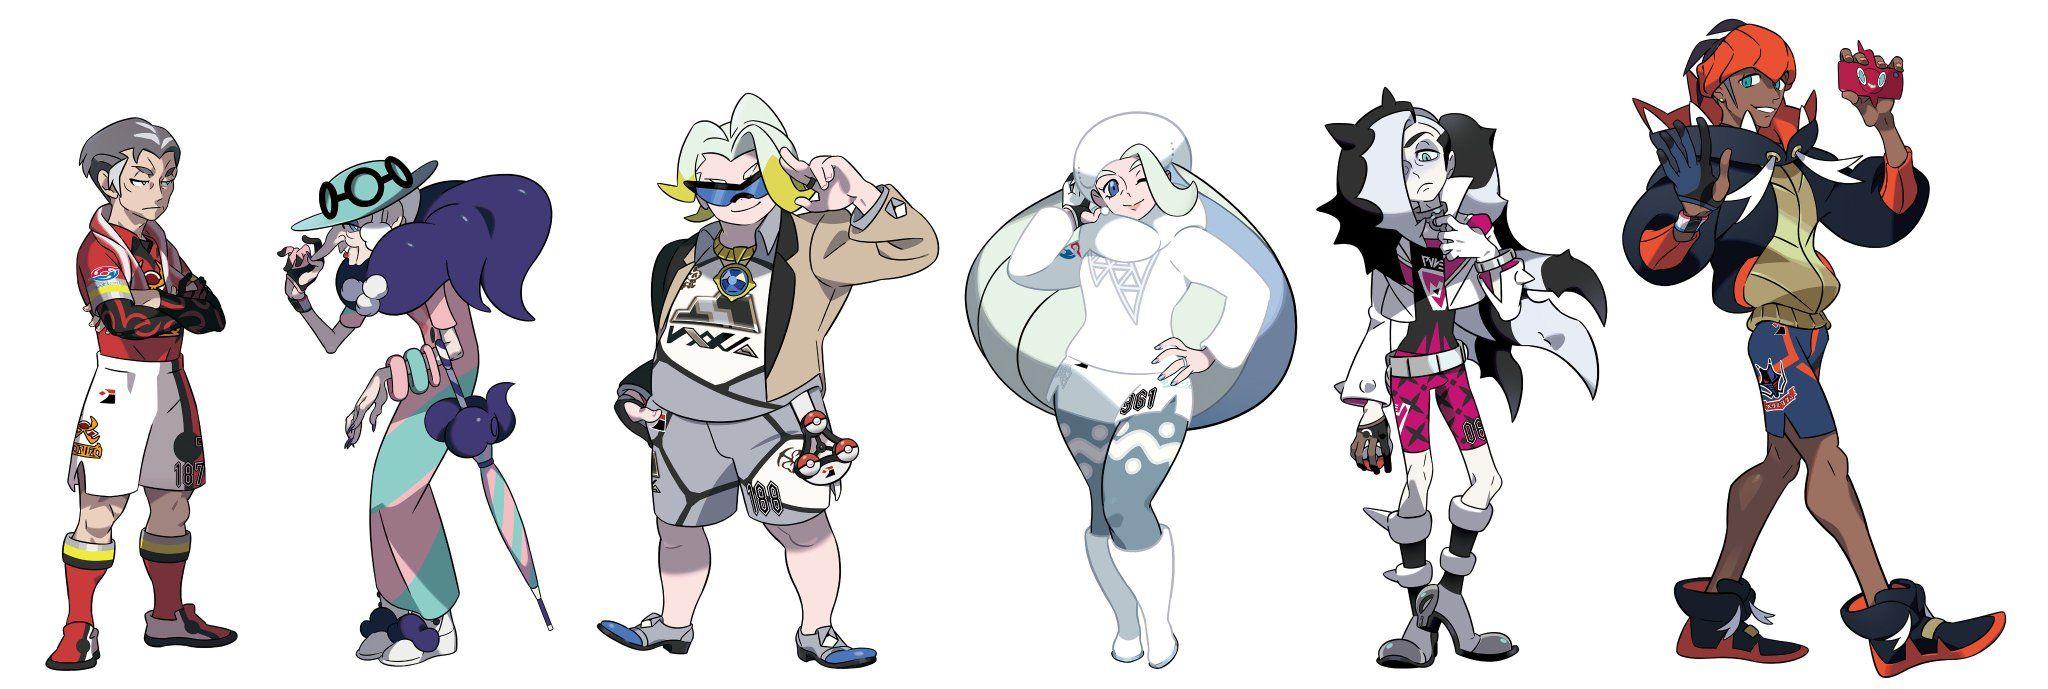 ポケモン剣盾 キャラ 身長